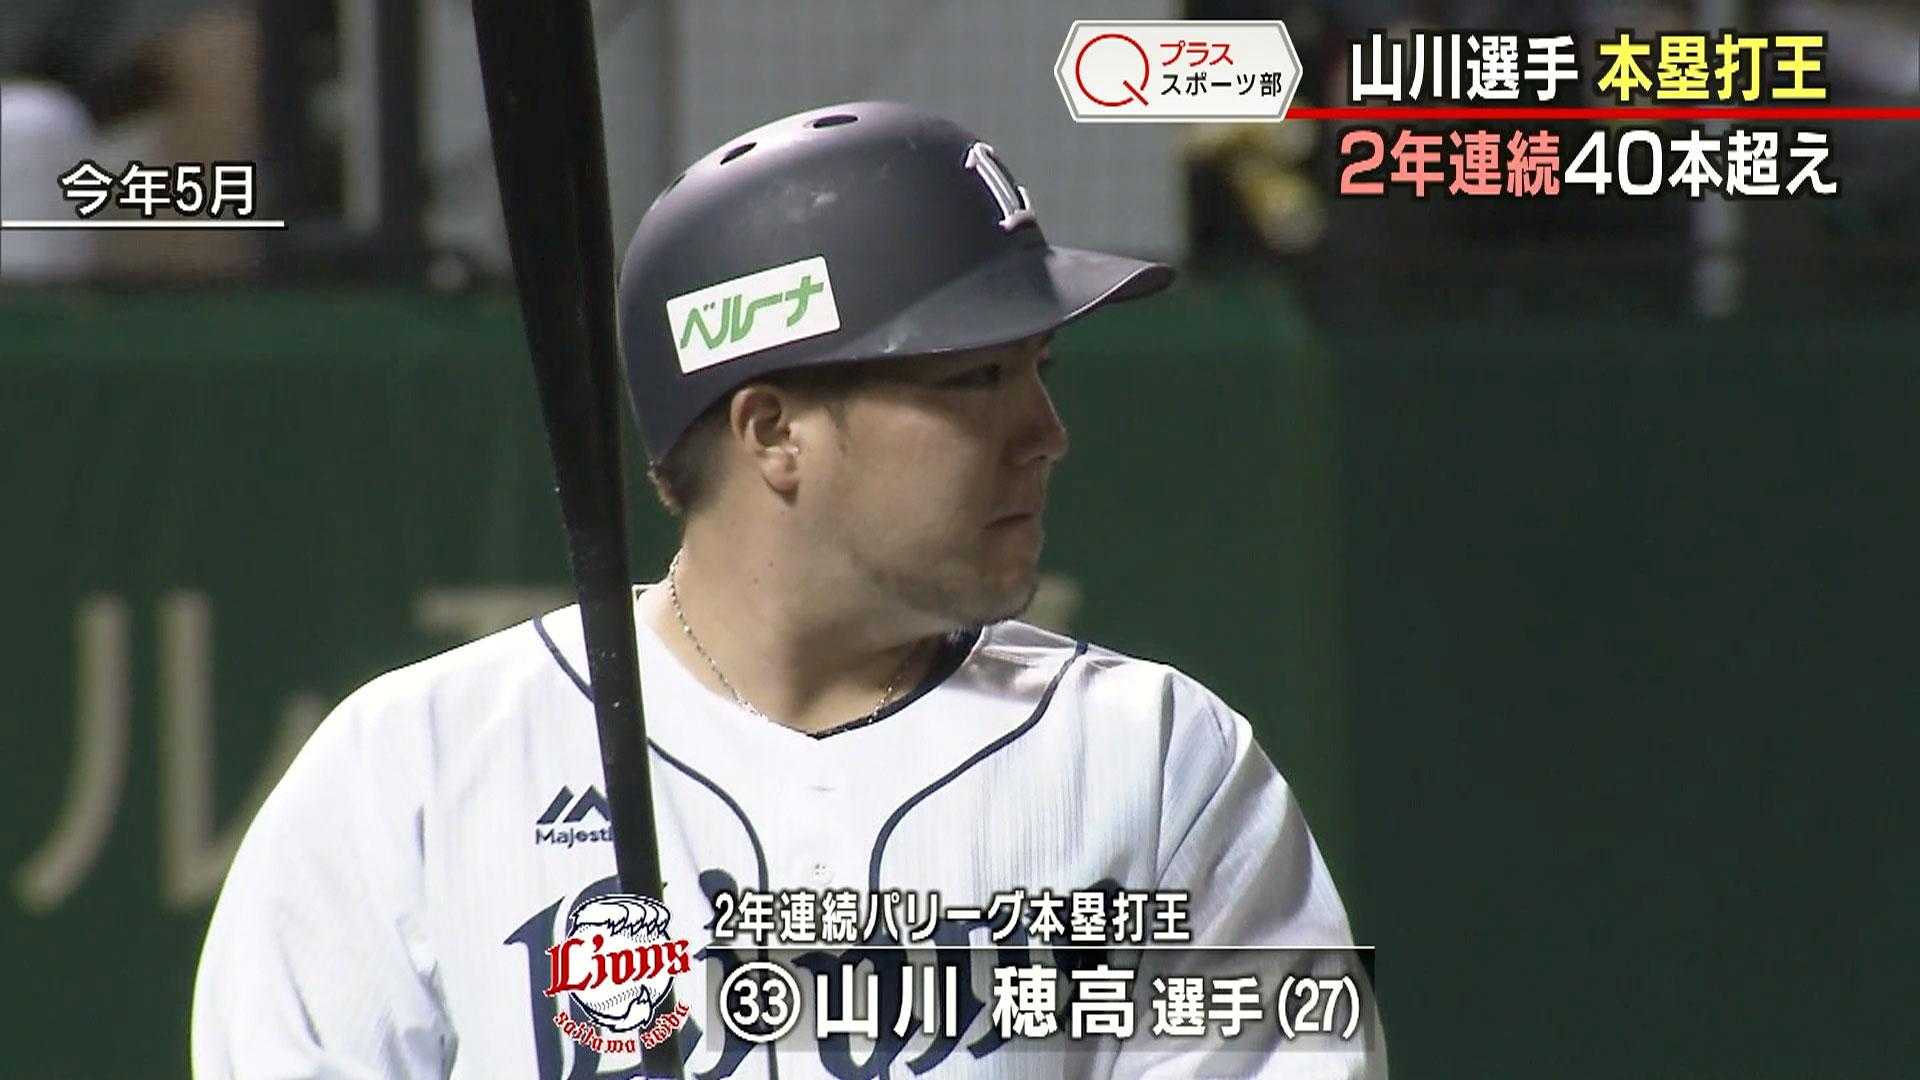 山川穂高選手 2年連続本塁打王